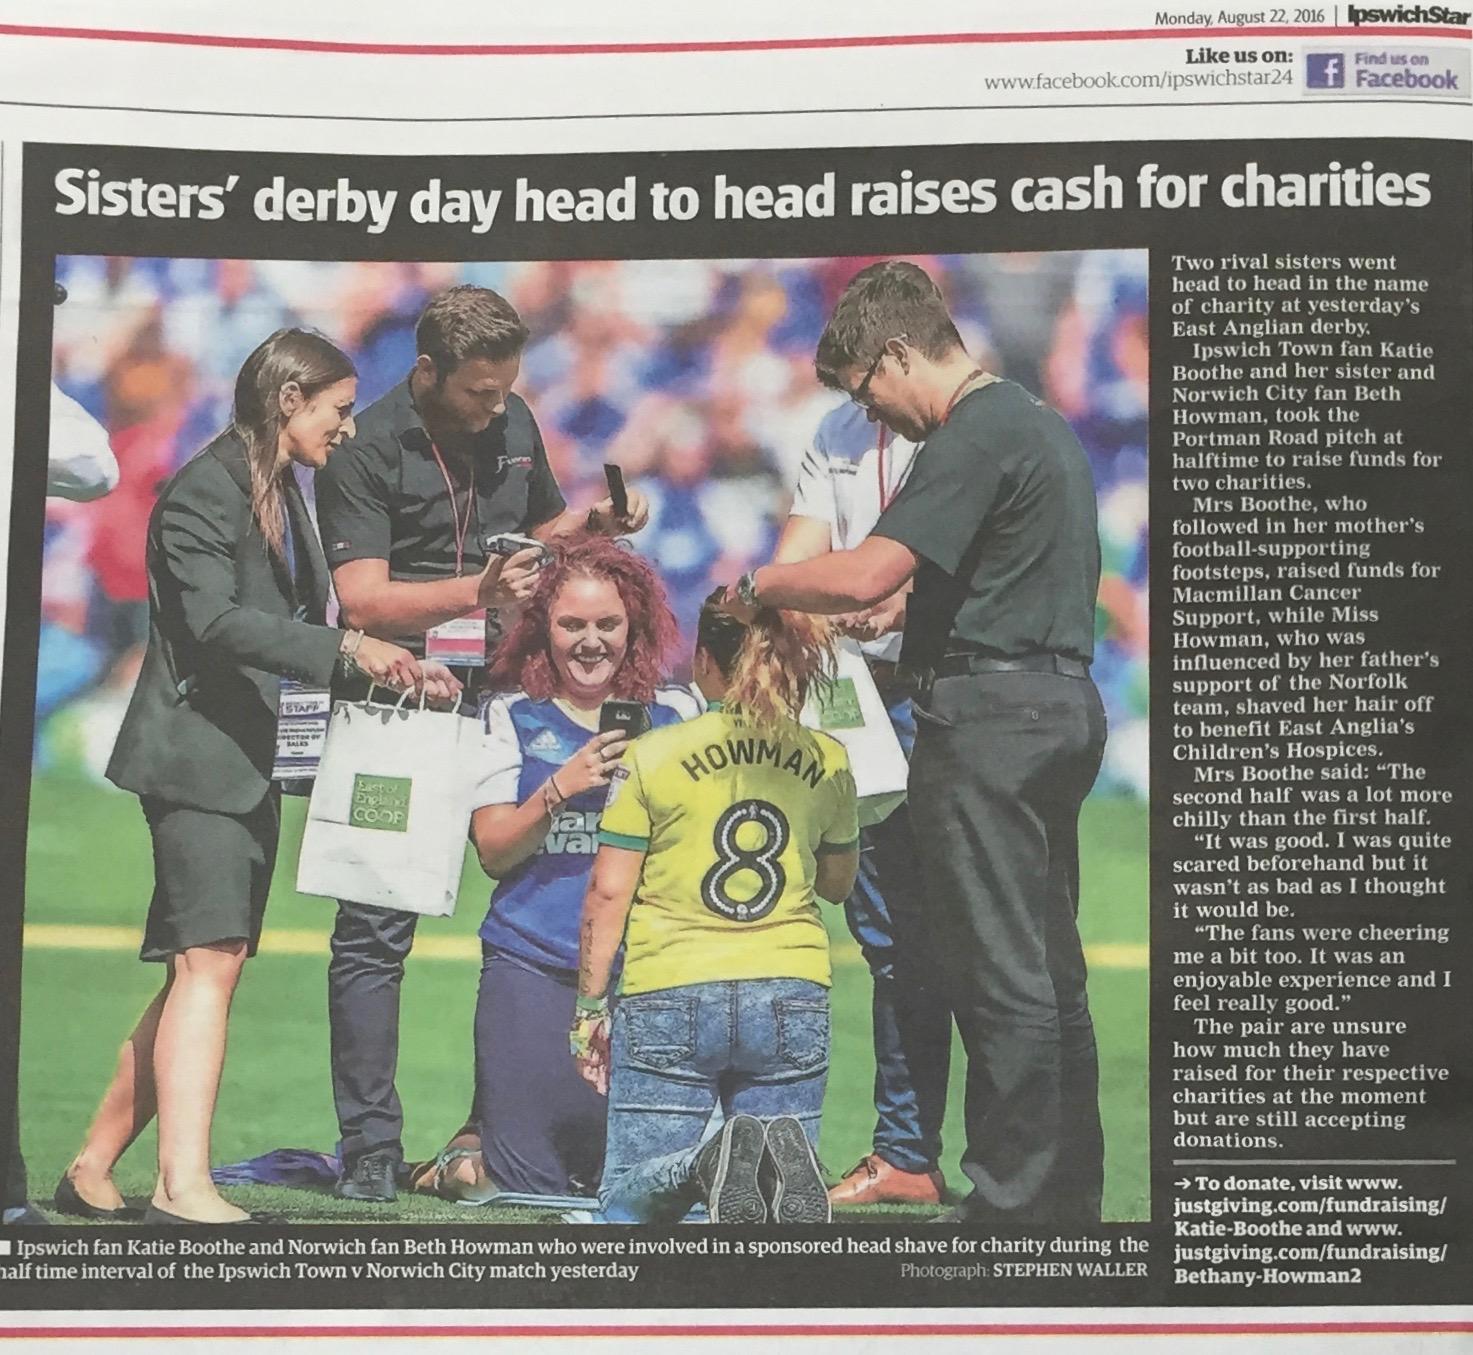 Ipswich Star - 22/8/16